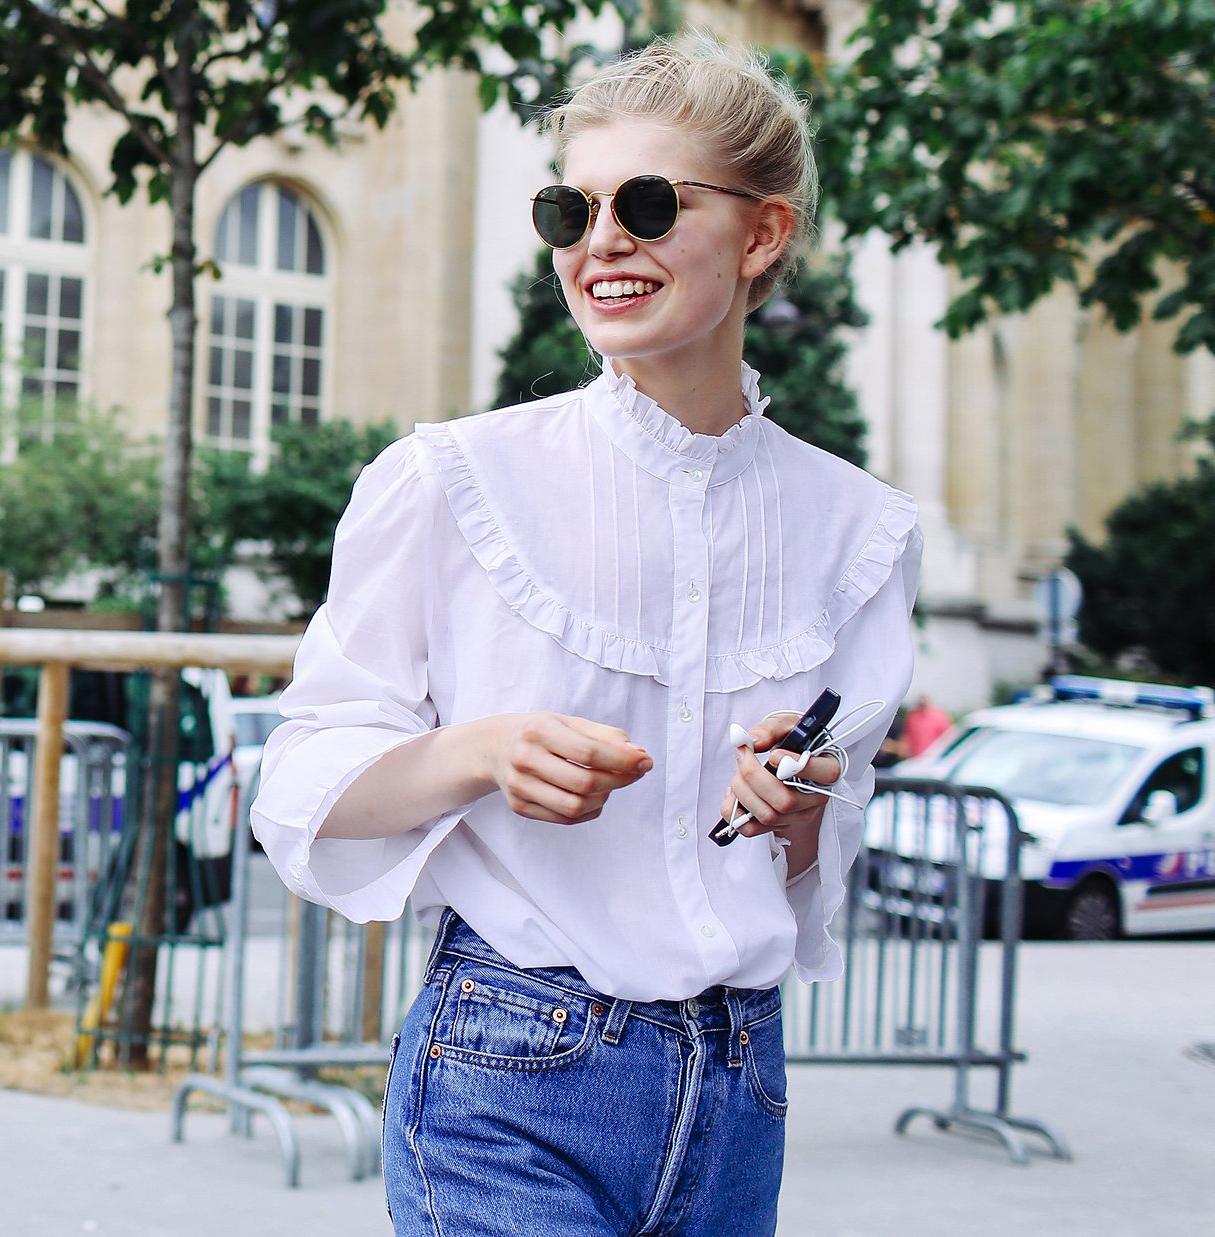 de0e7a95b4e Модные Блузки 2019 Женские Кружевные Белые и из Гипюра